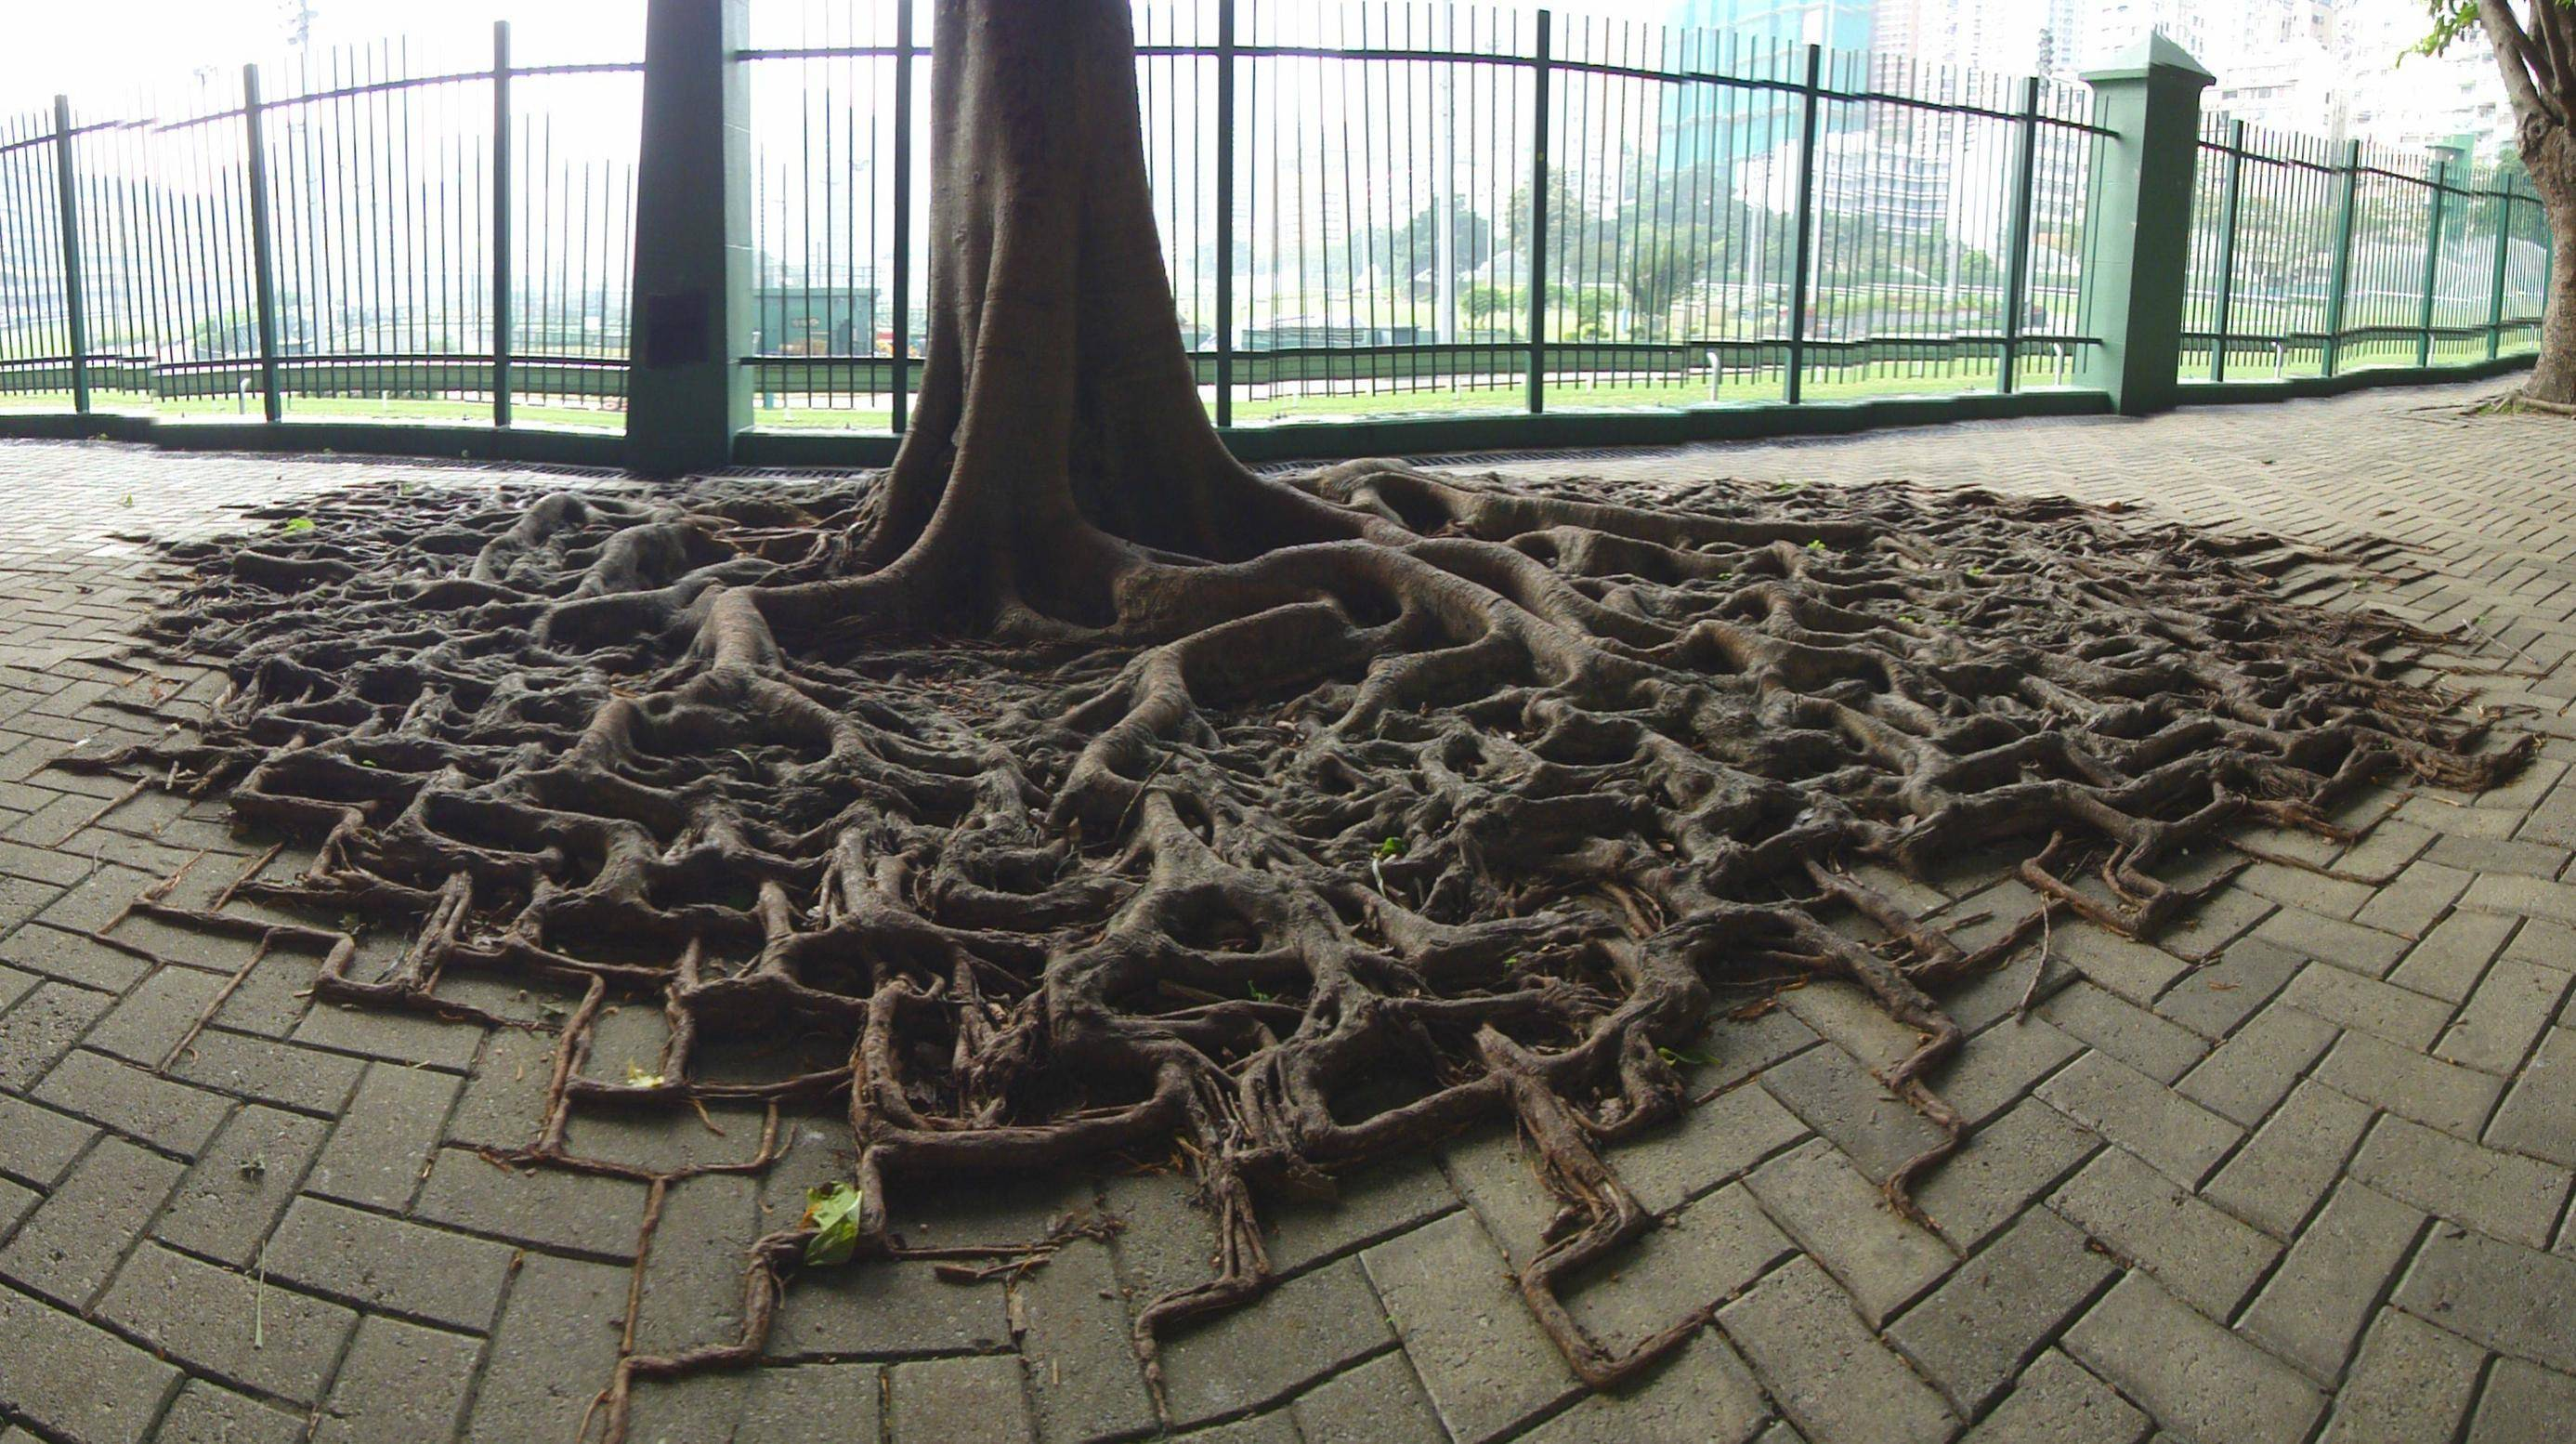 Baum Bunte Bilder